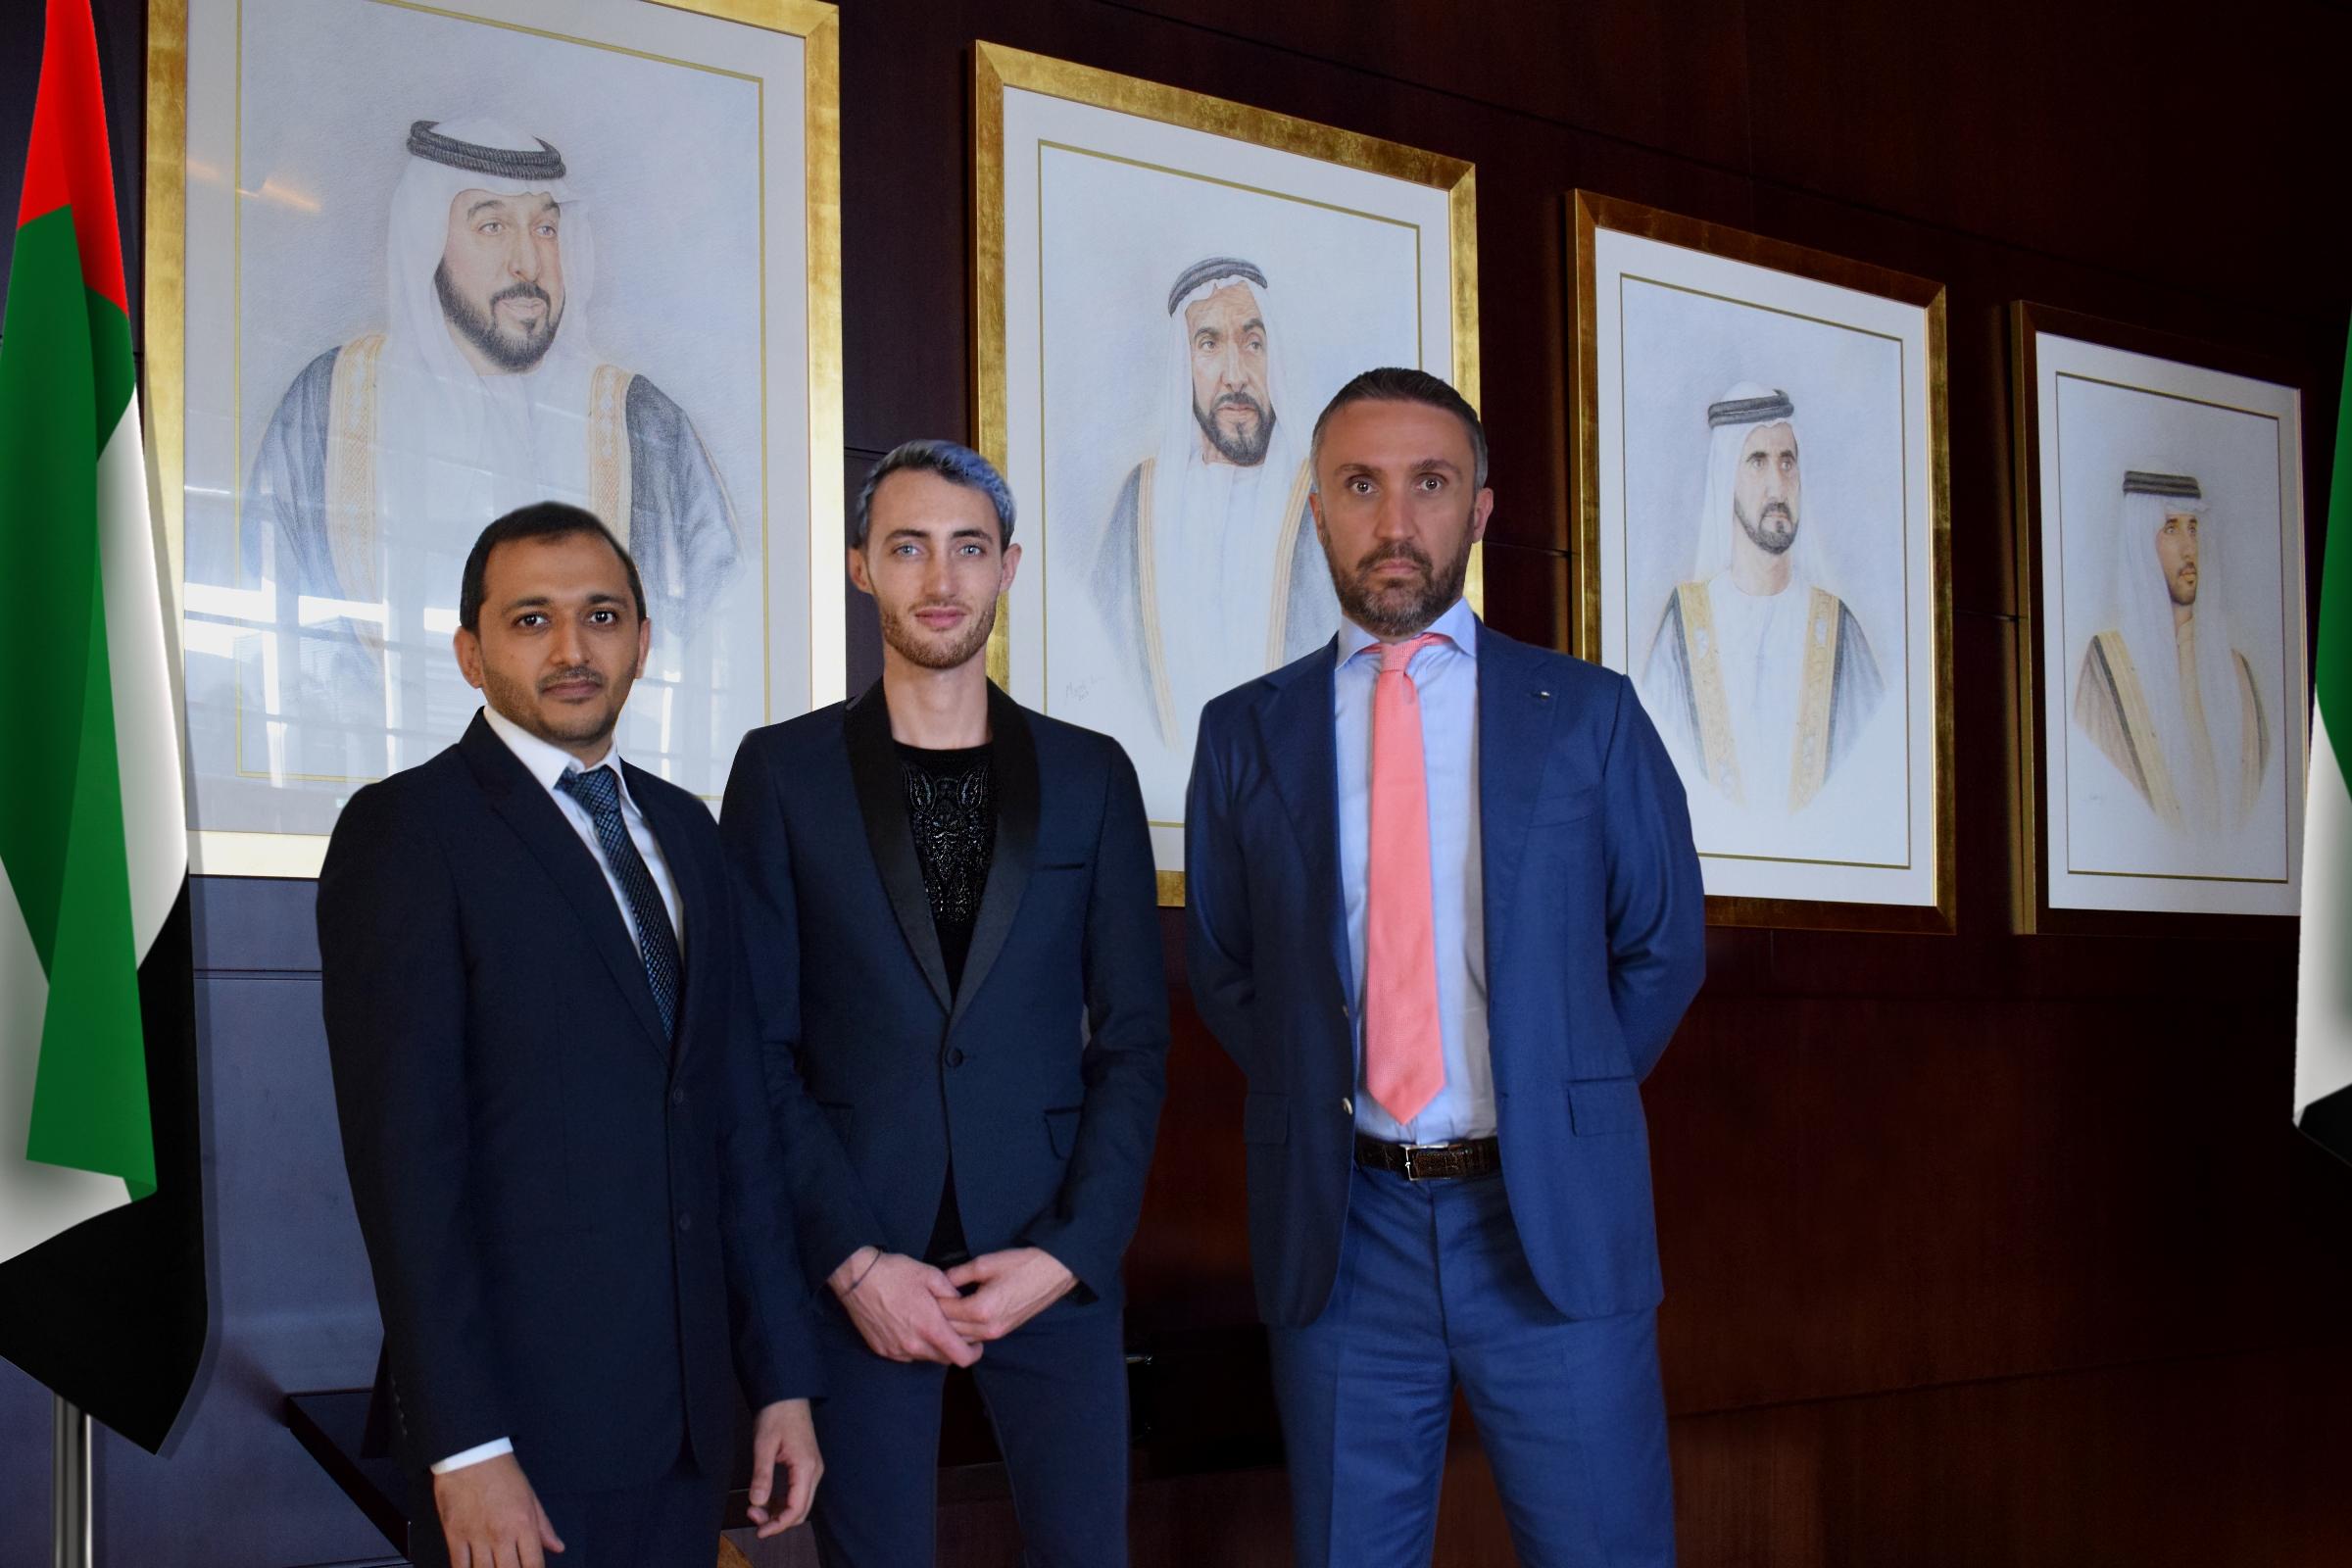 صورة ام.بي.ام للاستثمار ومجلس الازياء العربي واتفاقية استراتيجية لترويج الموضة العربية